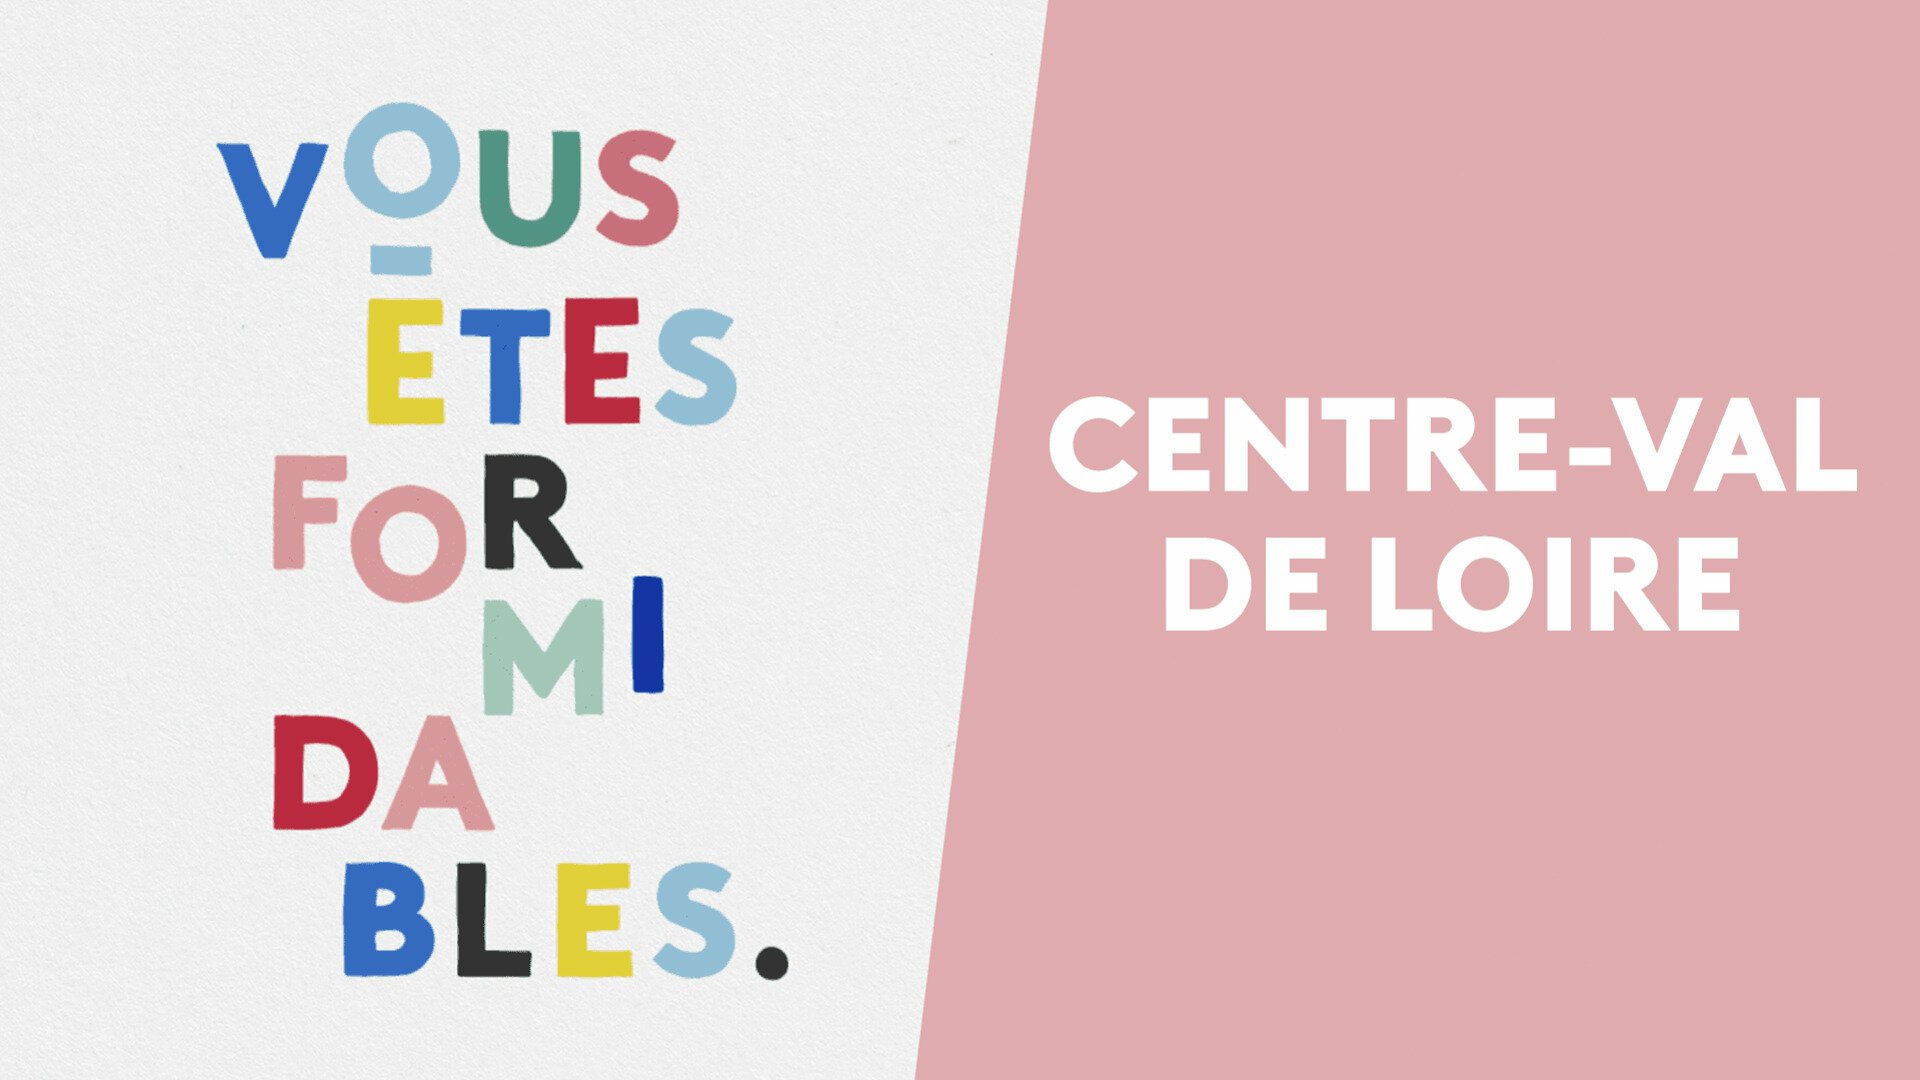 Vous êtes formidables - Centre-Val de Loire